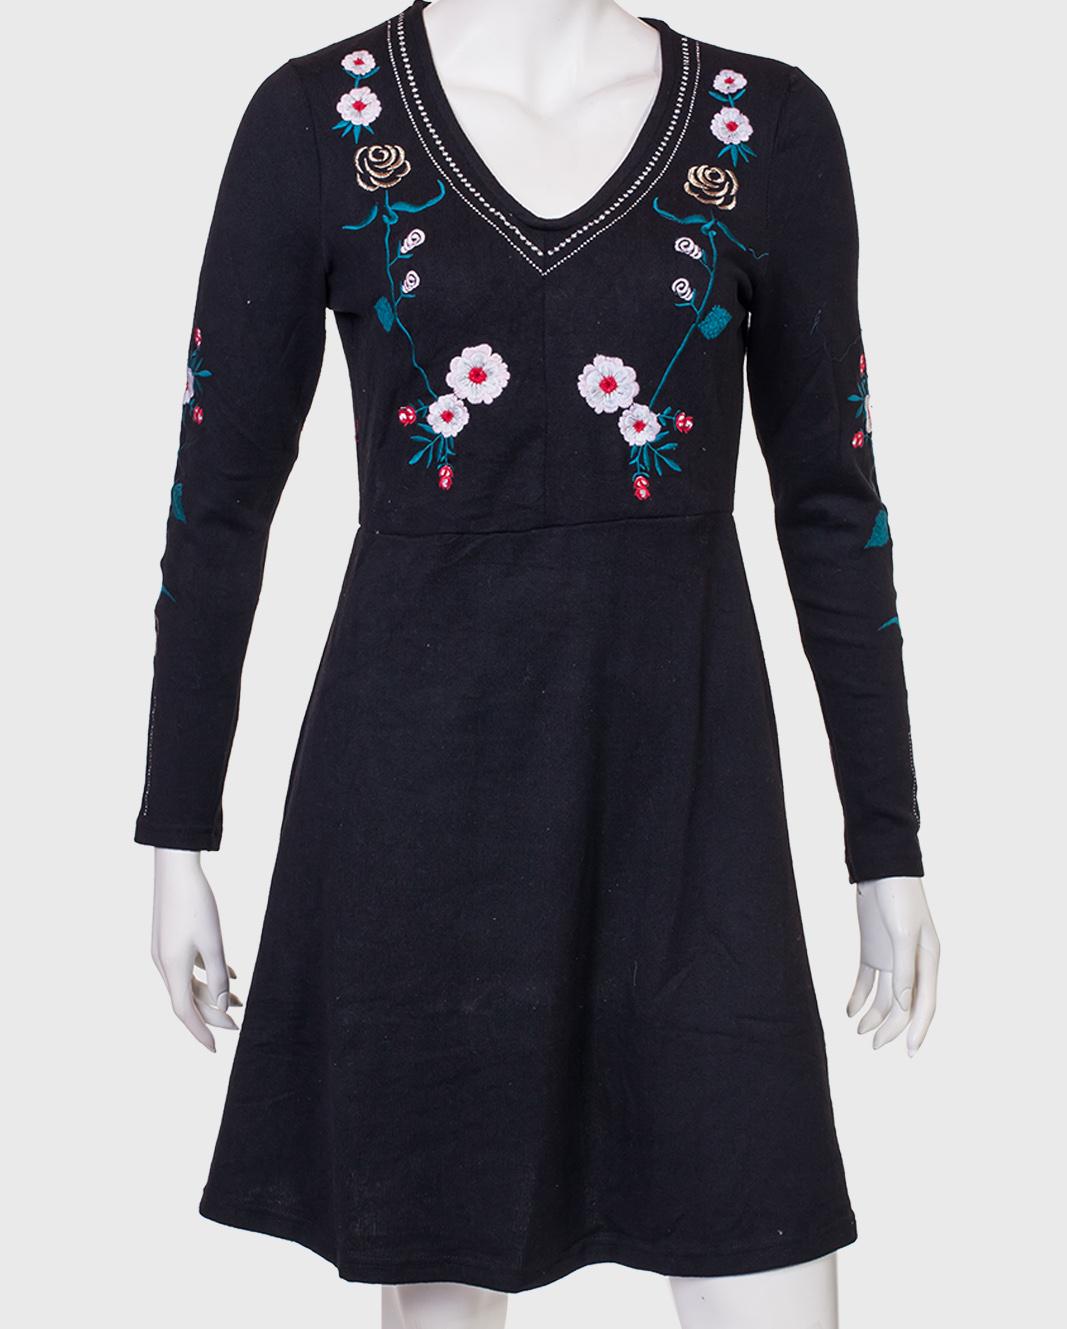 Приталенное черное платье от бренда SAN FRANCISCO